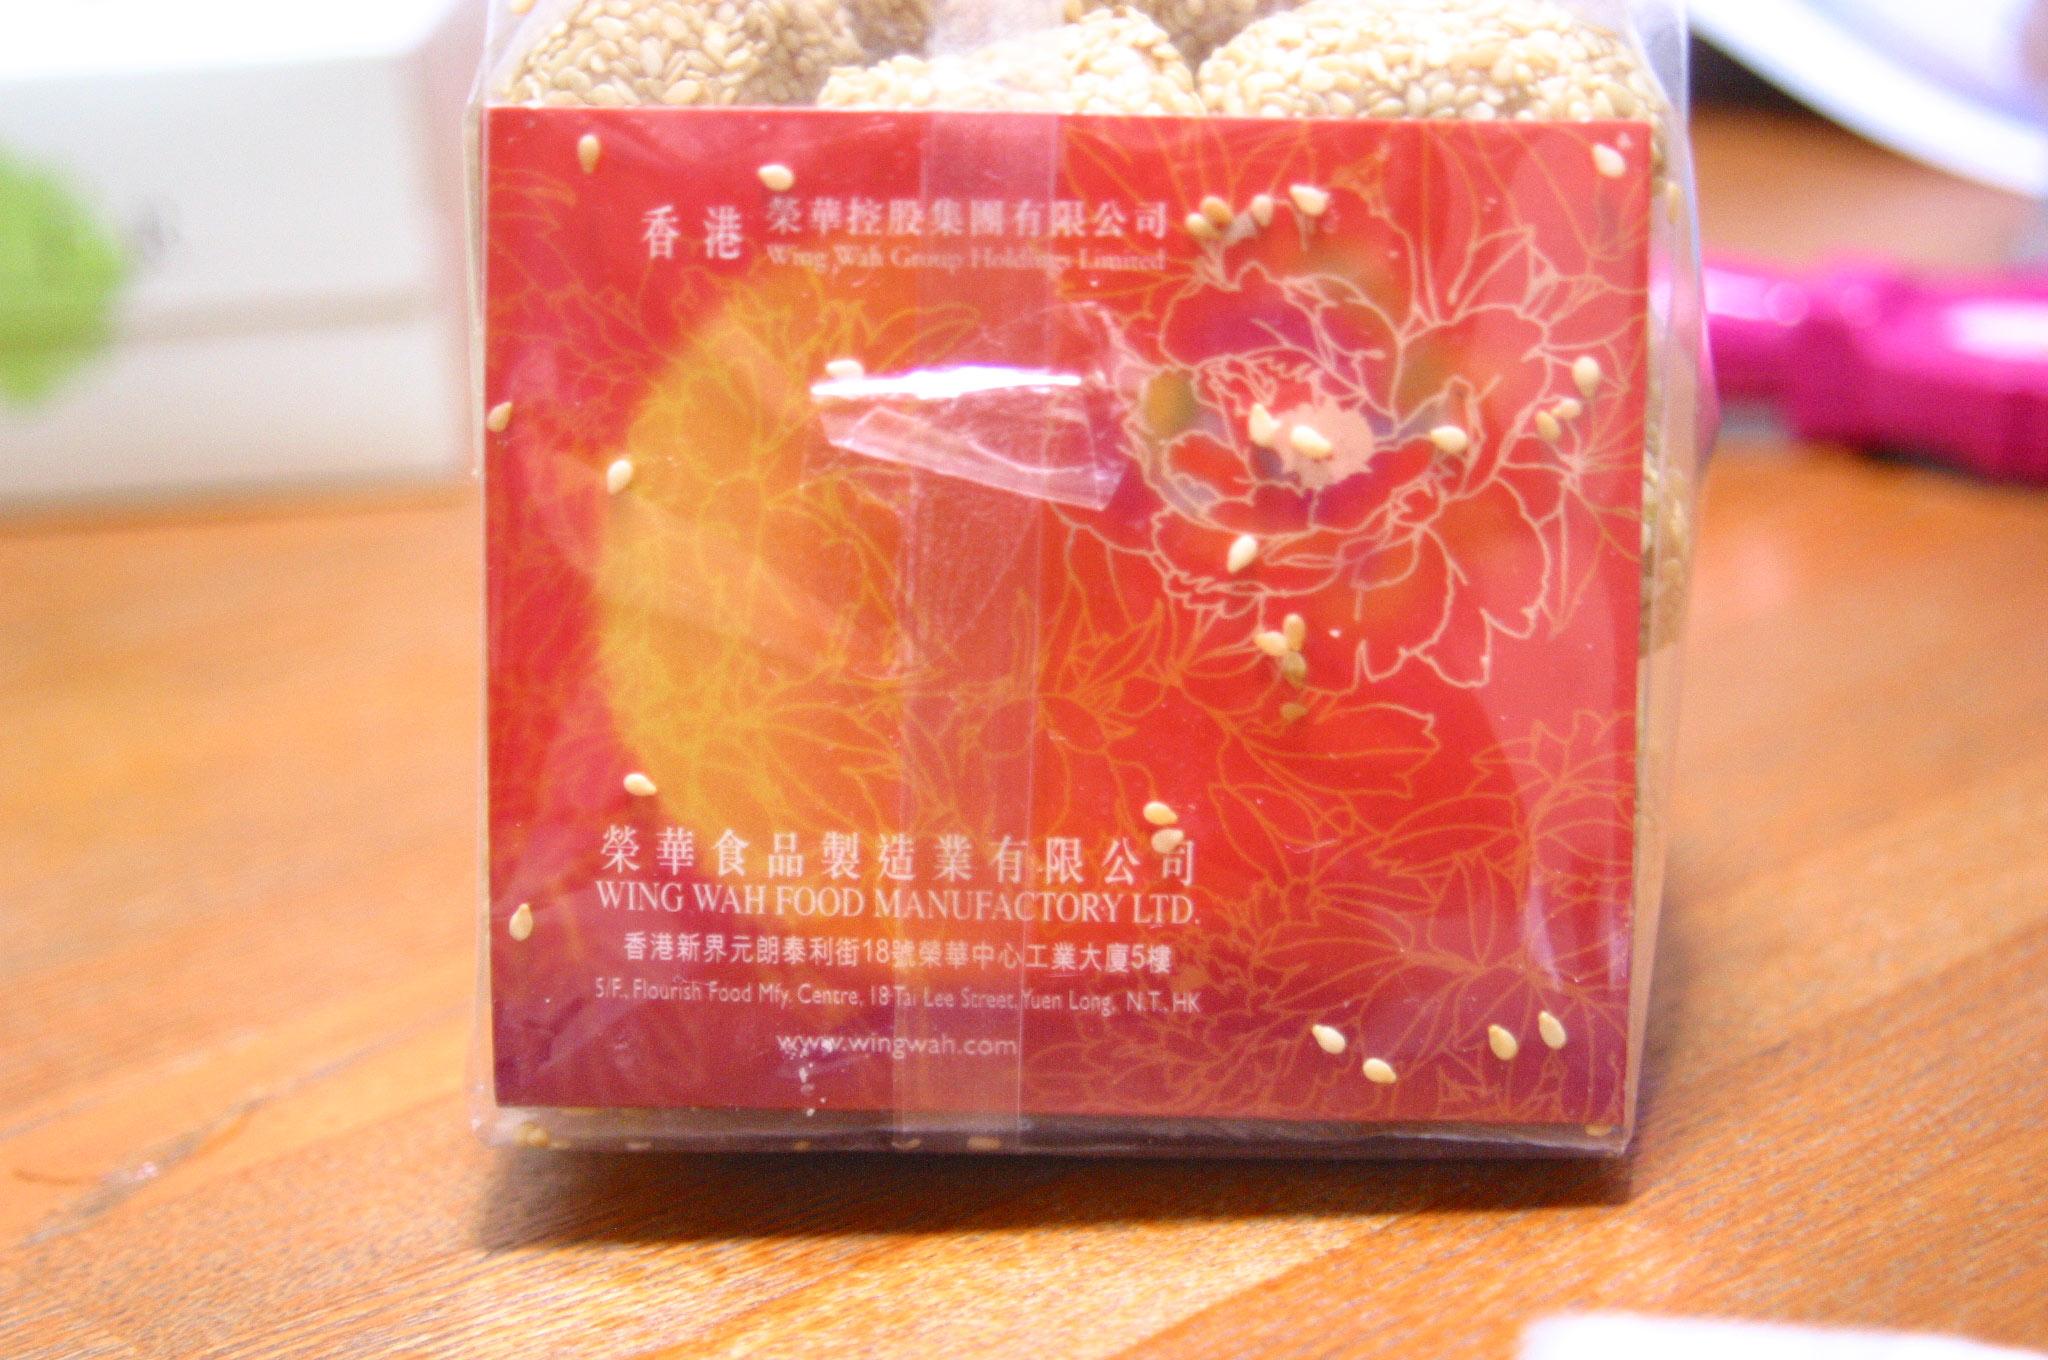 香港のごま菓子・おみやげ